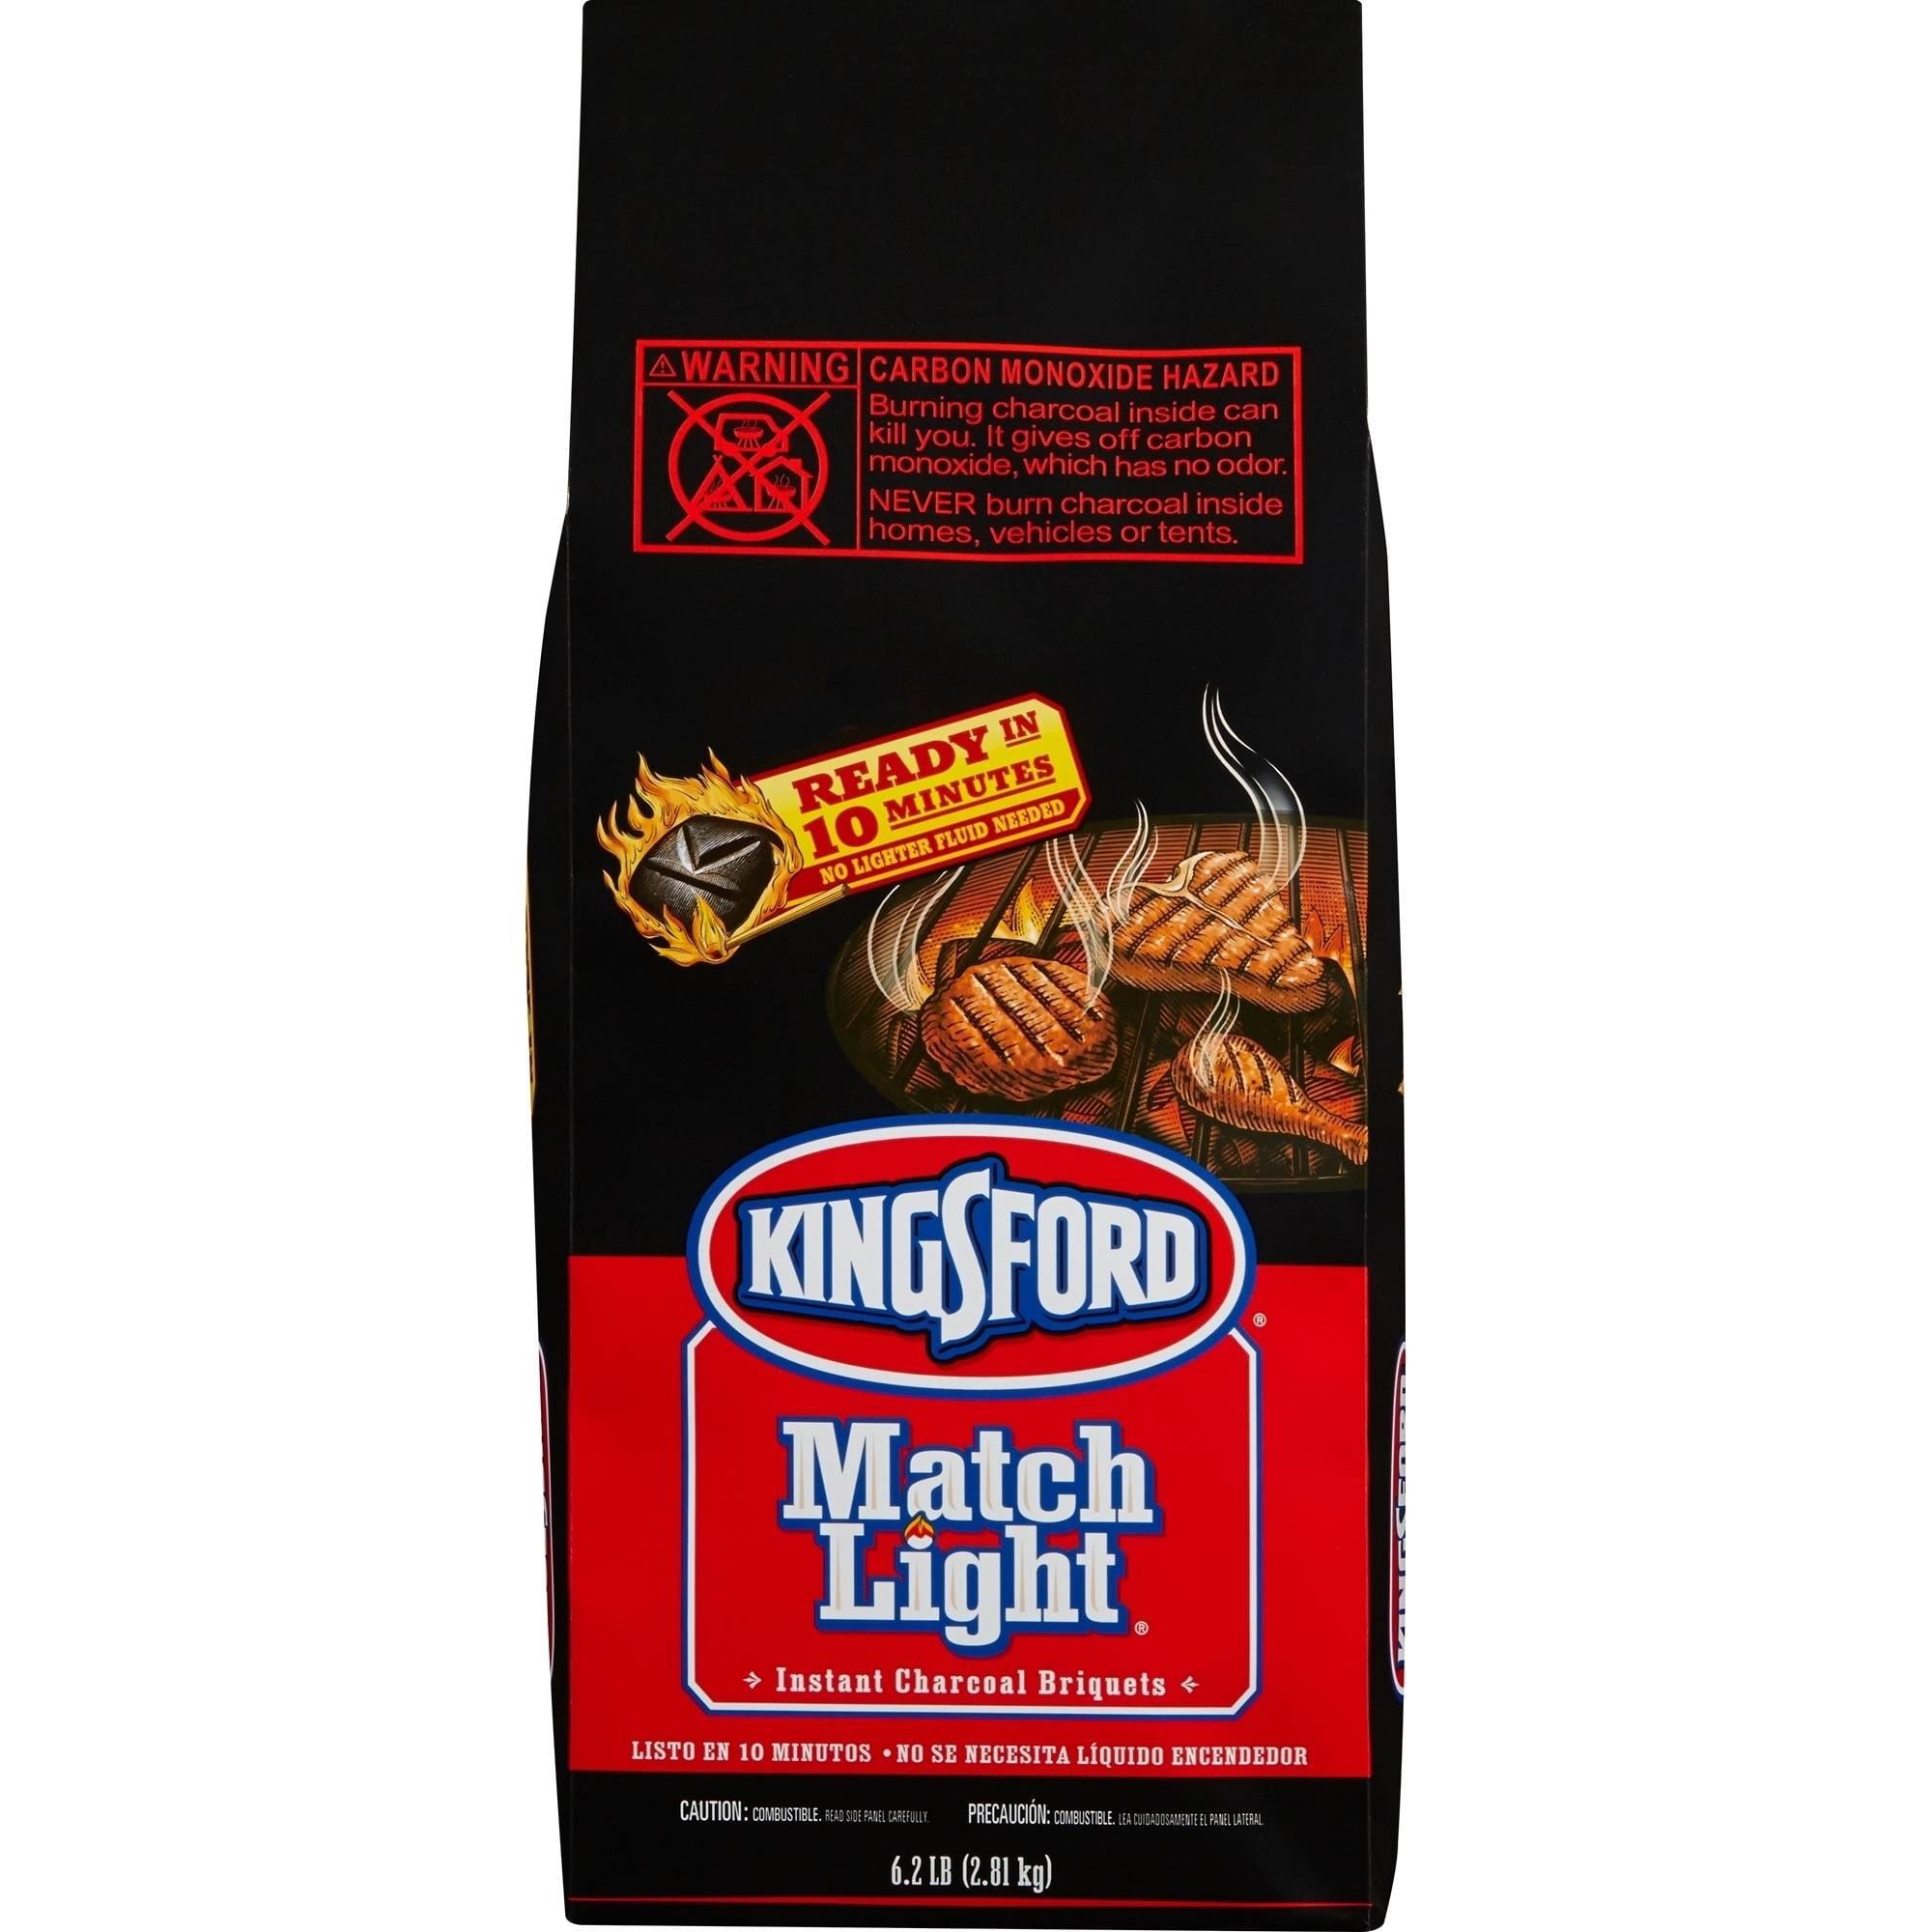 Kingsford Match Light Charcoal Briquets, 6.2 lb Bag